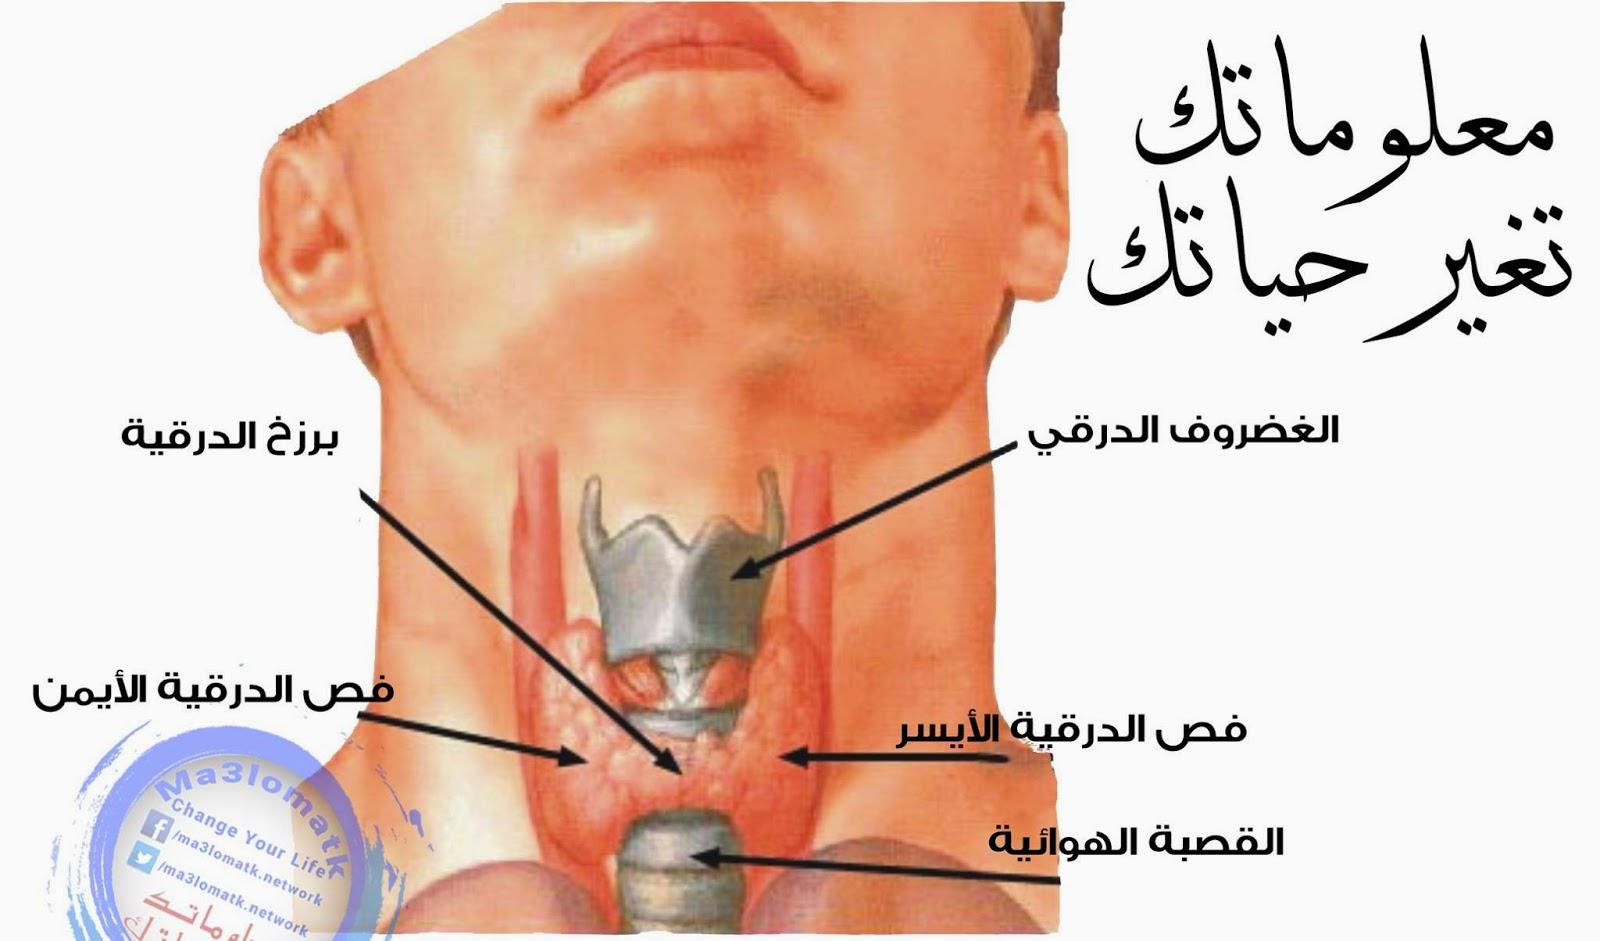 صوره مرض الغدة الدرقية , اعراض الغدة الدرقية